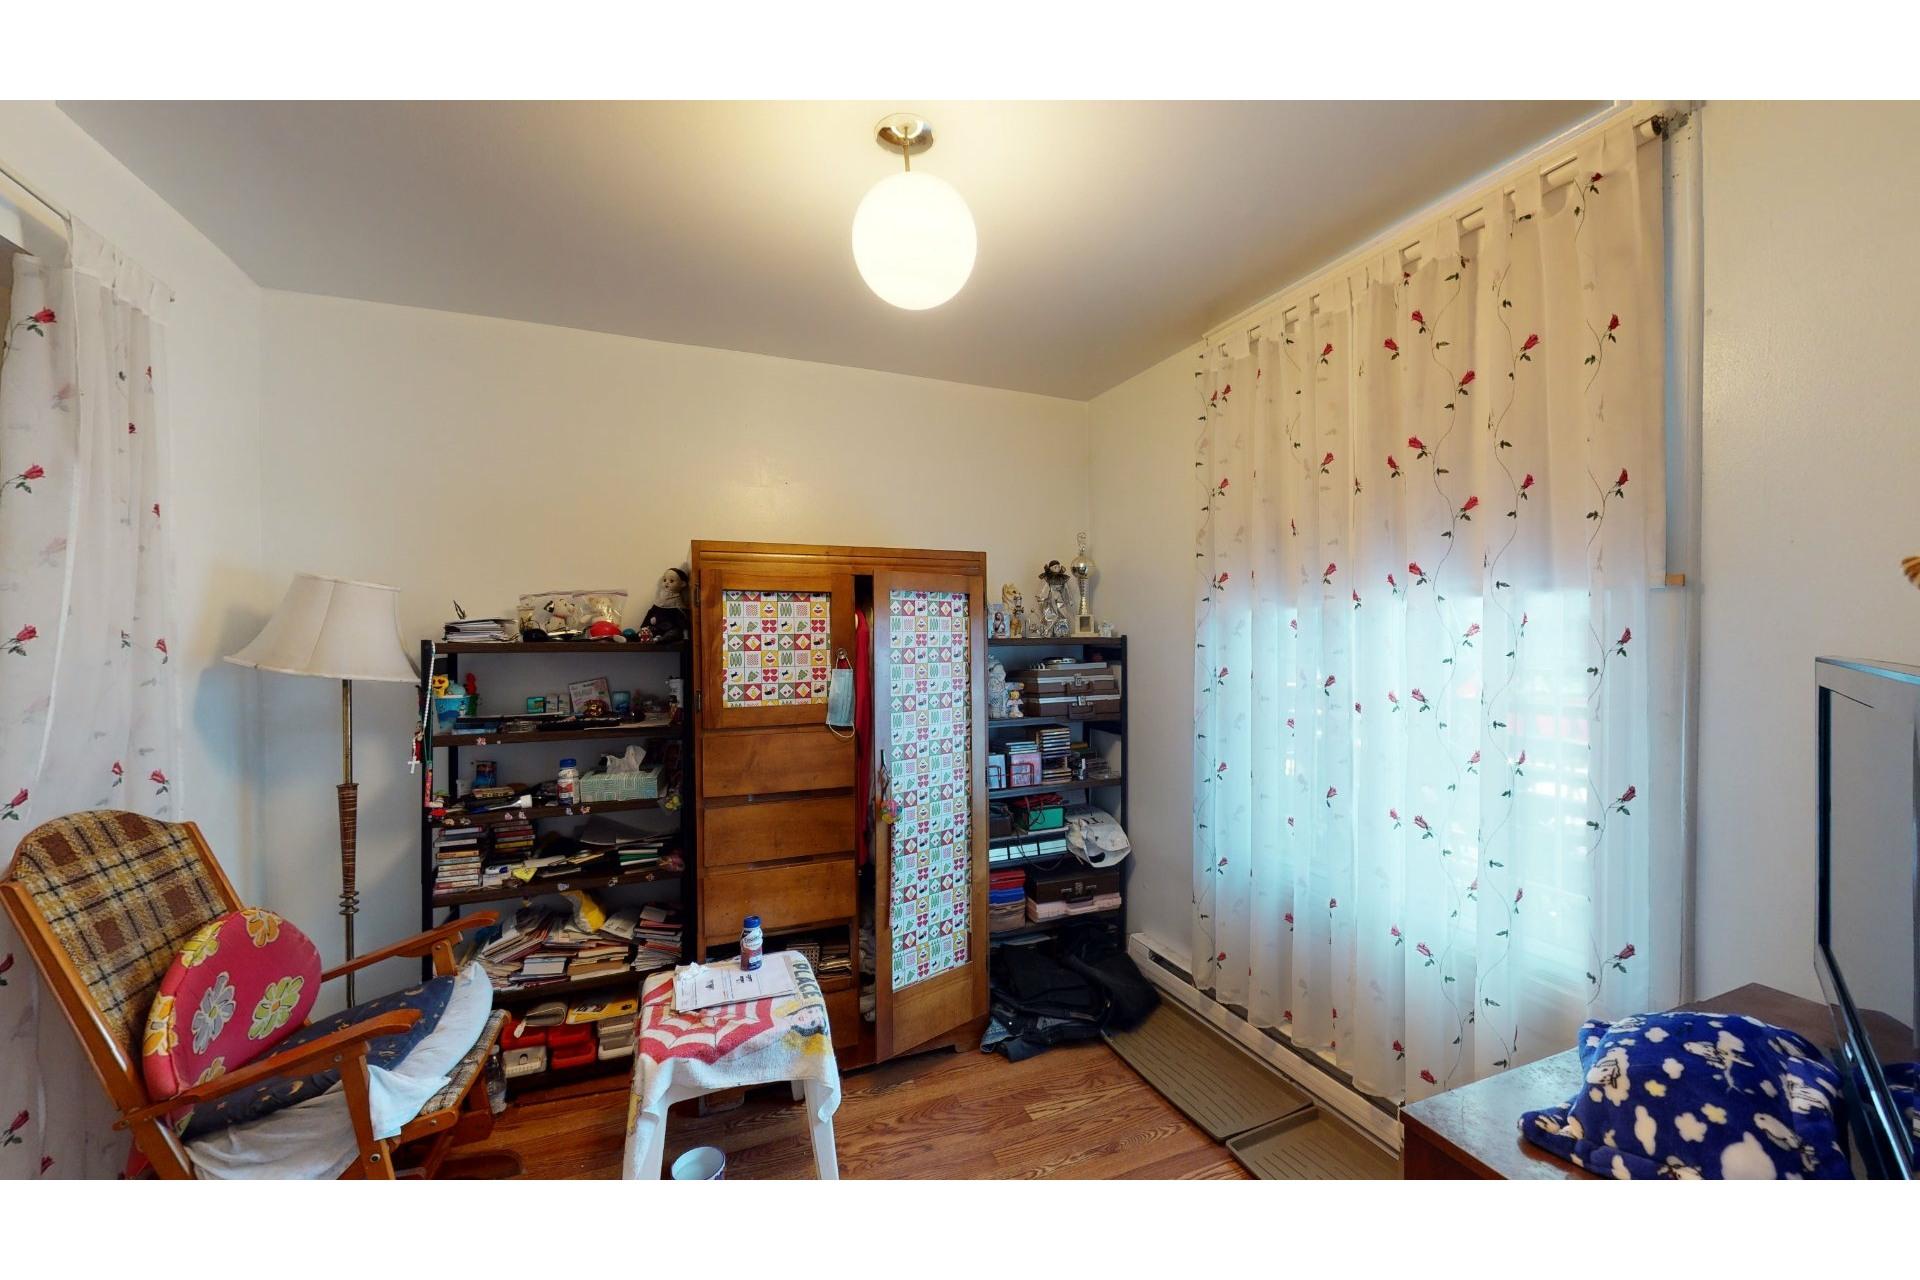 image 7 - Duplex À vendre Rosemont/La Petite-Patrie Montréal  - 4 pièces